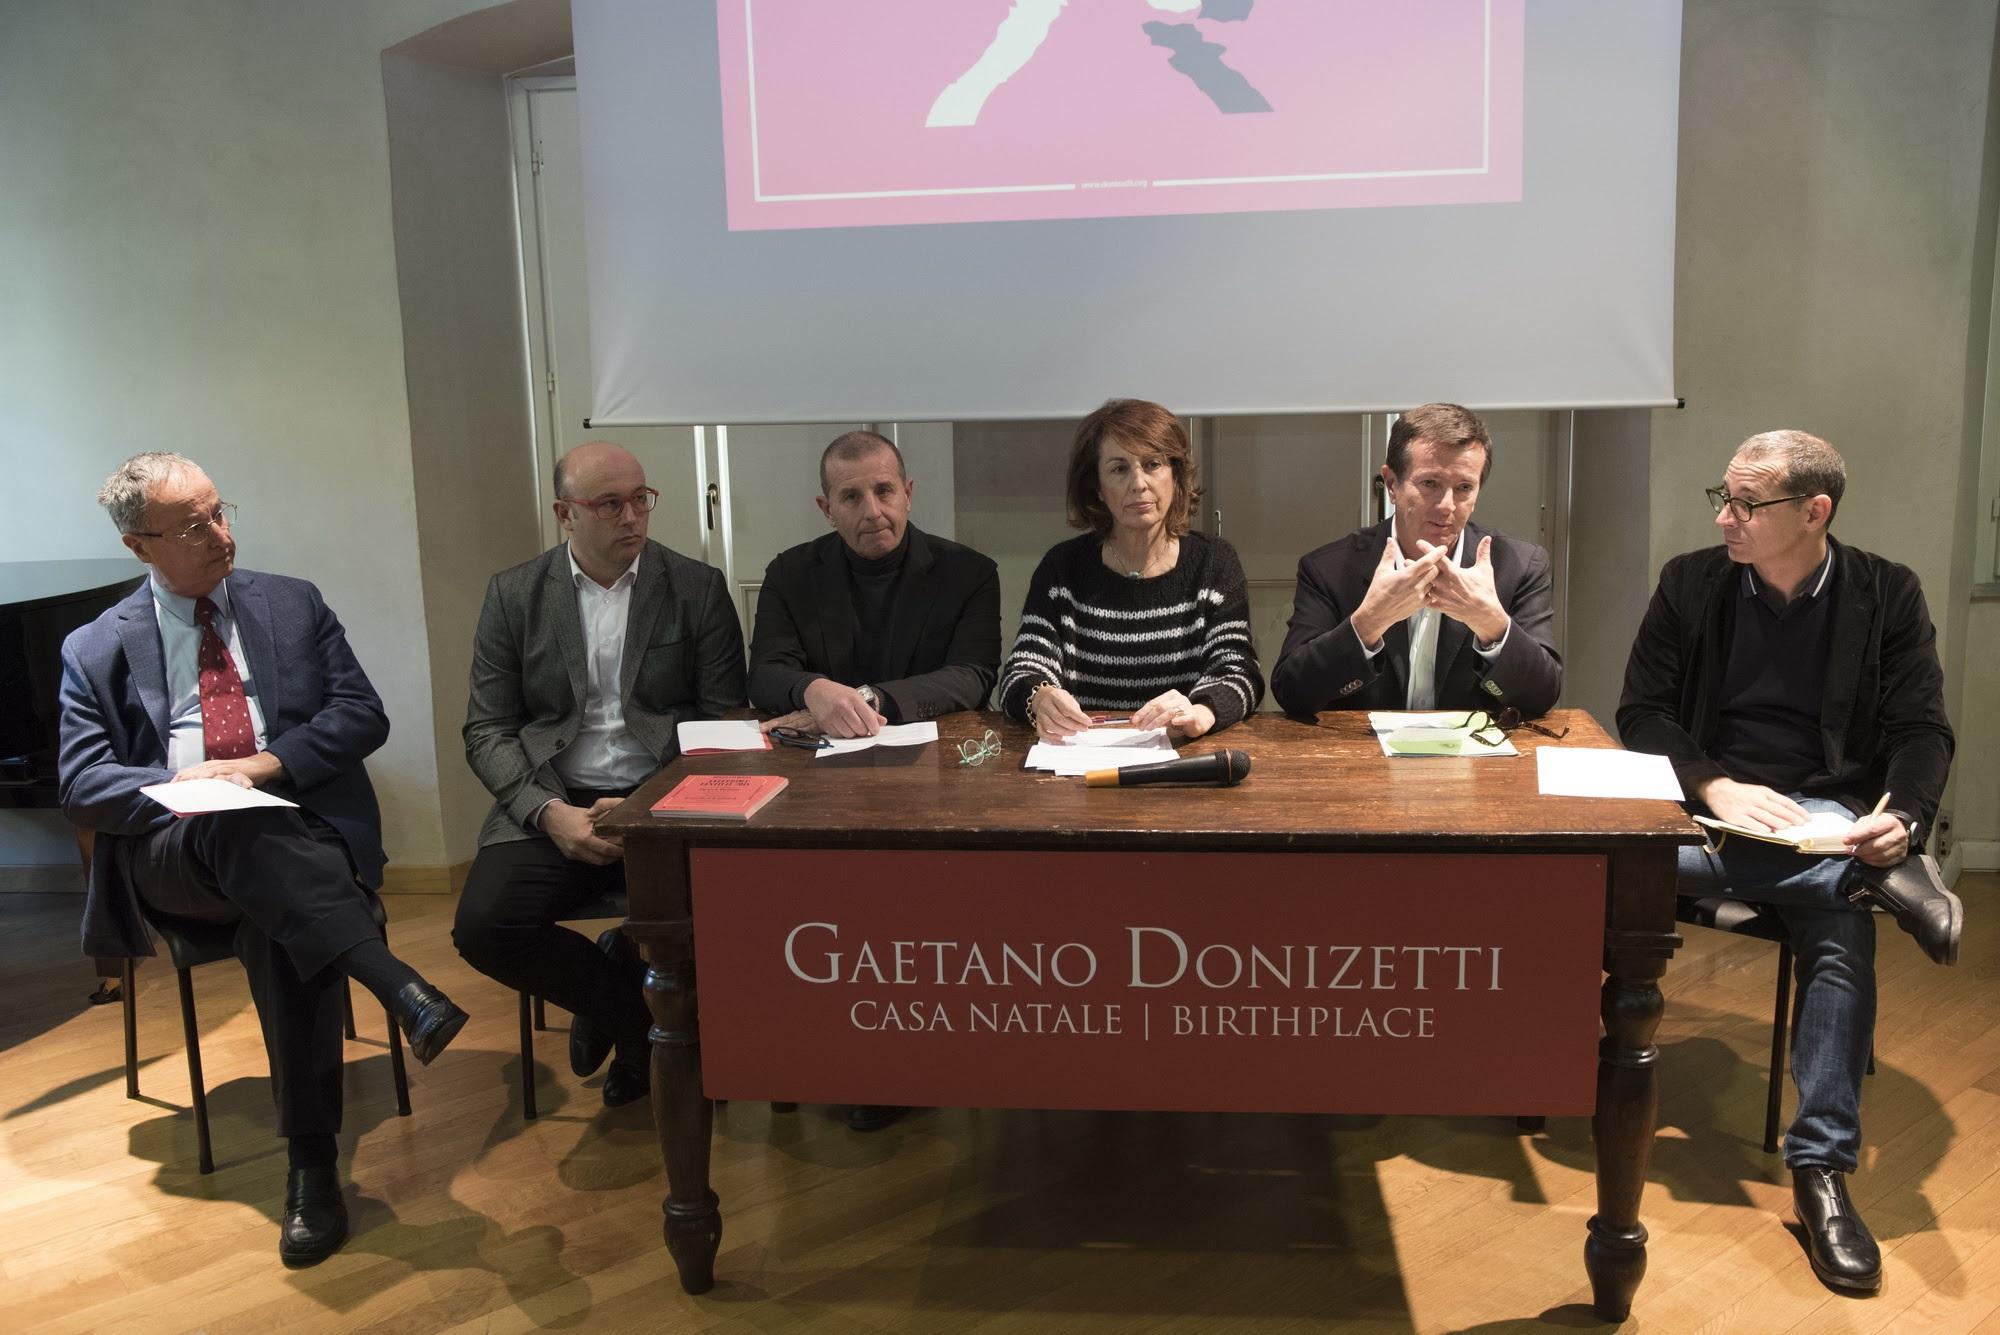 da sinistra: Paolo Fabbri, Riccardo Frizza, Massimo Boffelli, Nadia Ghisalberti, Giorgio Gori, Francesco Micheli (ph. G. Rota)